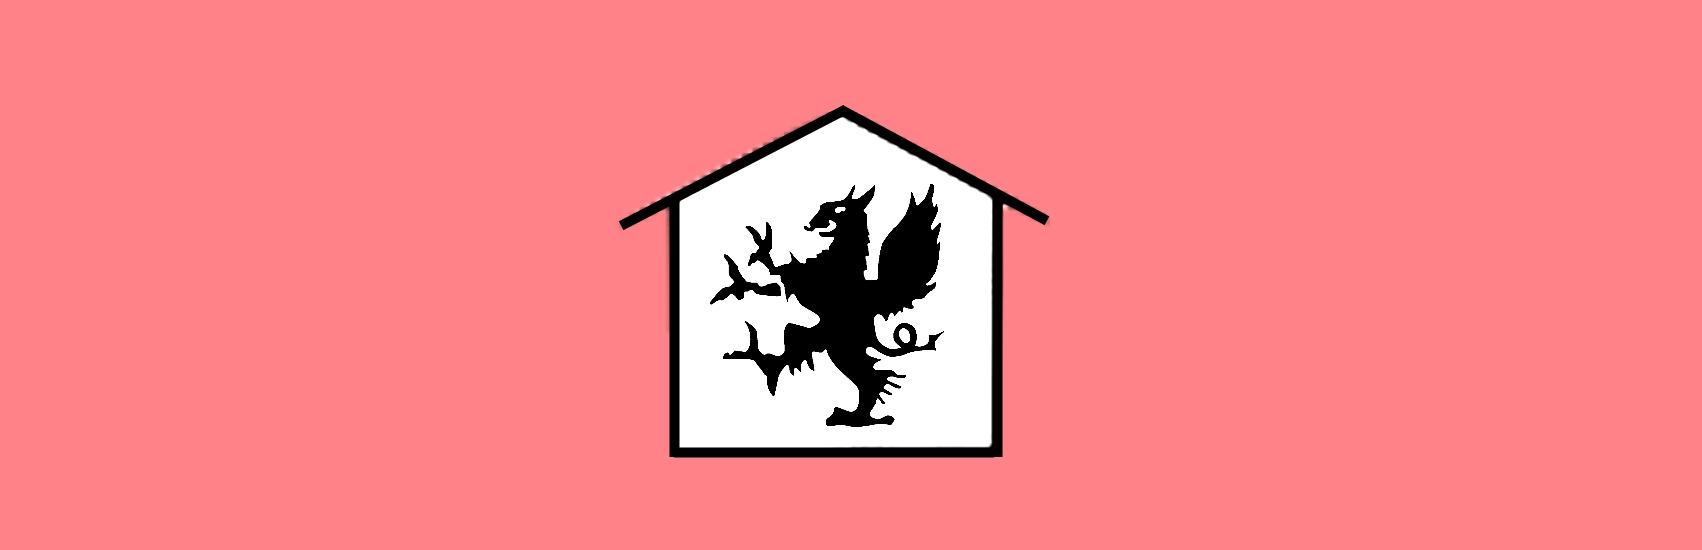 GriffHouse.jpg